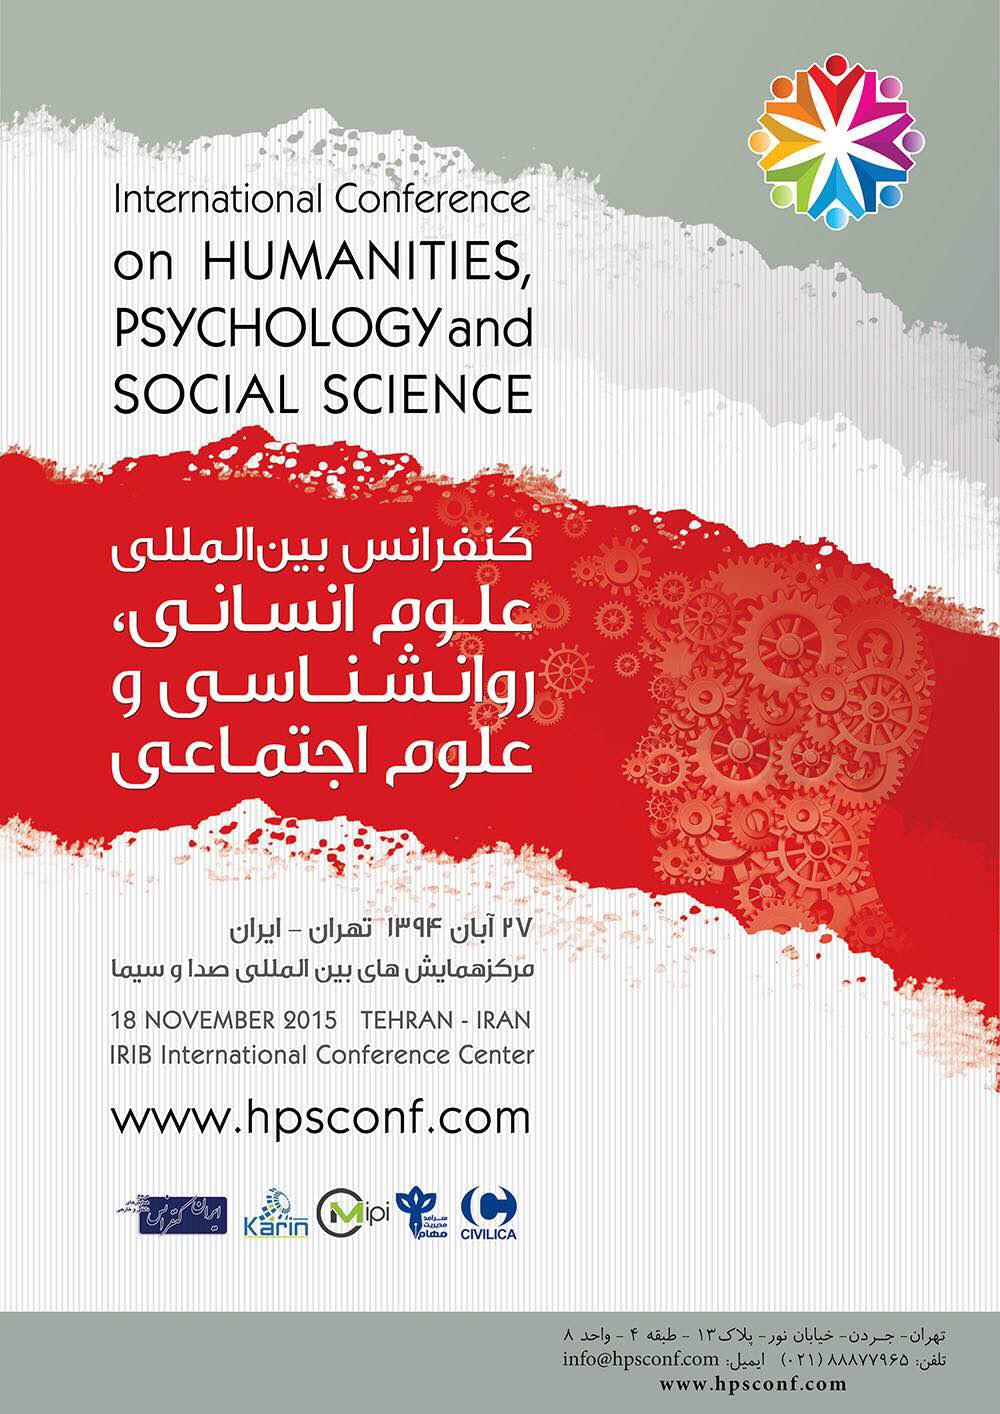 بررسی رابطه خلاقیت و تفکر انتقادی با پیشرفت تحصیلی دانش آموزان دوره دوم متوسطه شهر تهران